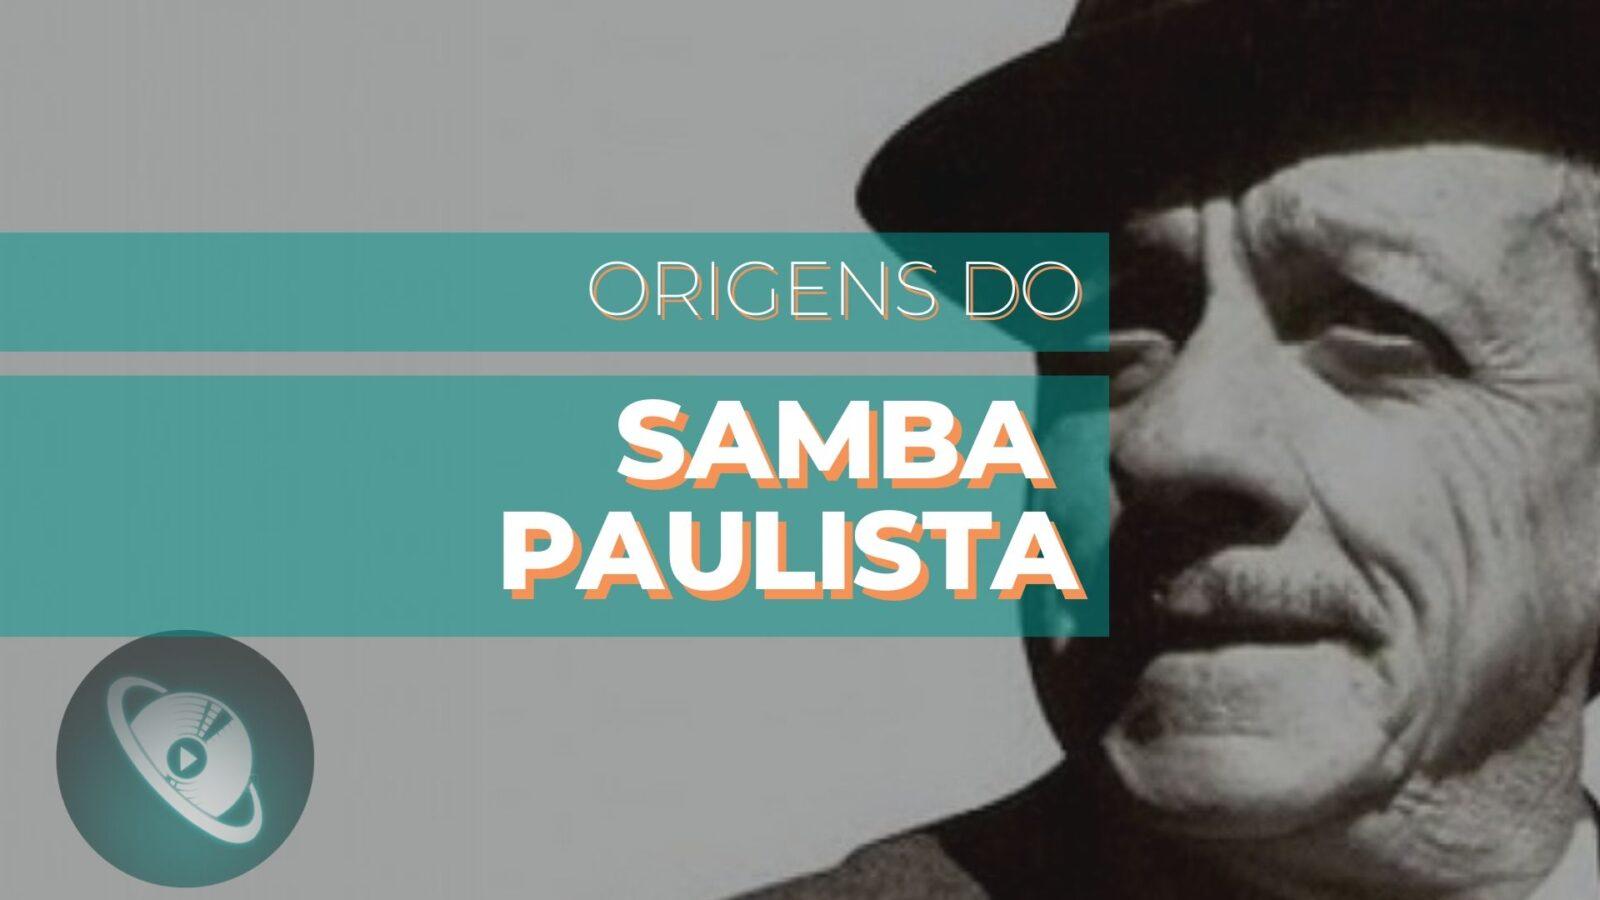 Origens do samba paulista - conheça a história do samba em São Paulo